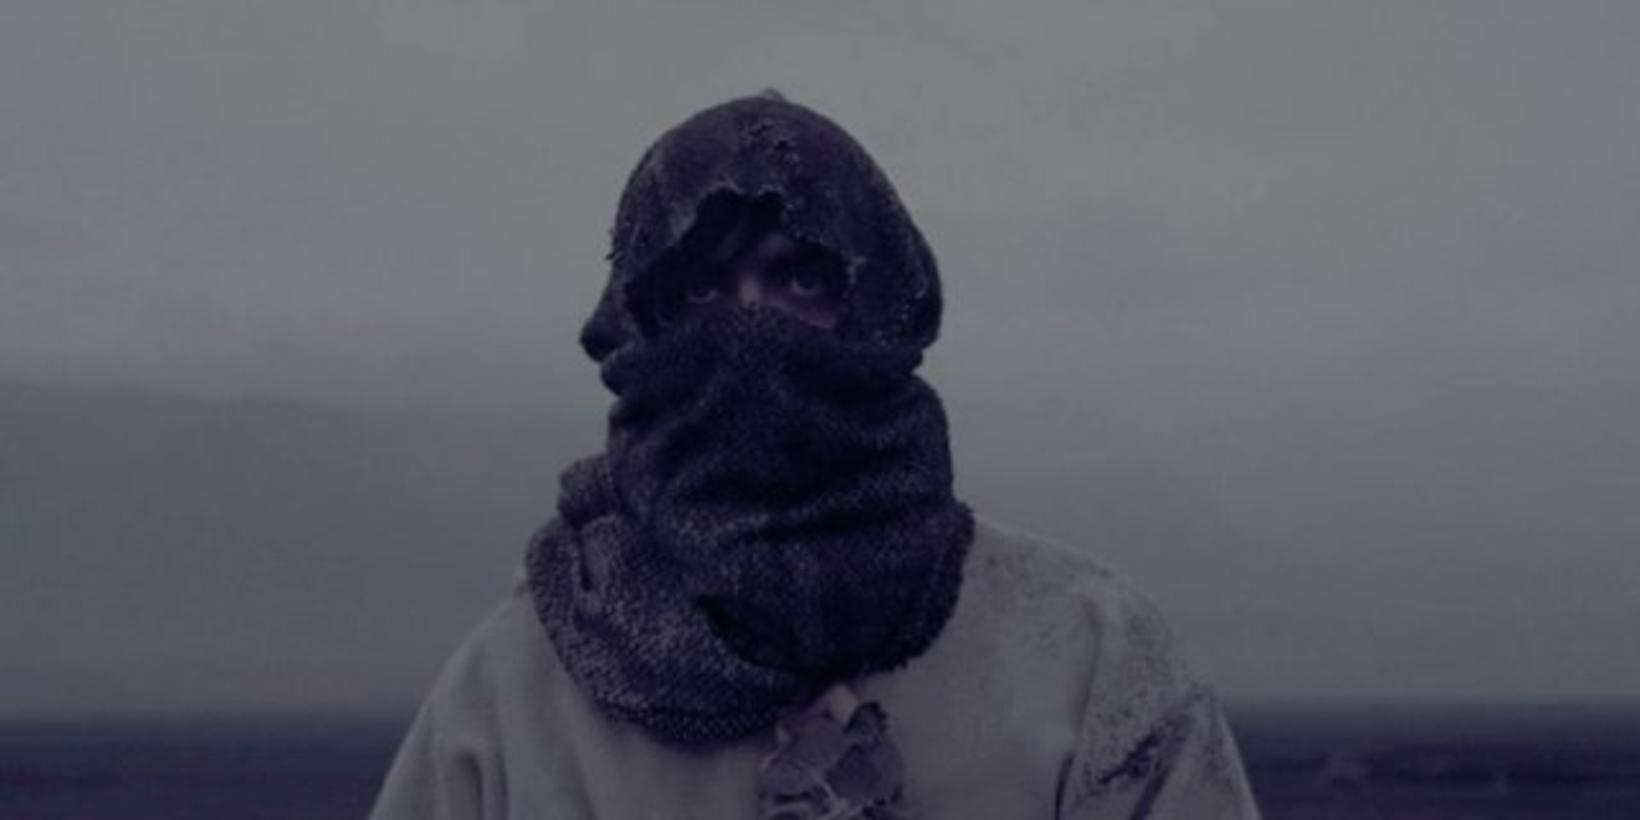 Þorsteinn í hlutverki sínu í kvikmynd Anders Elsrud Hultgreen, Morgenrøde, …